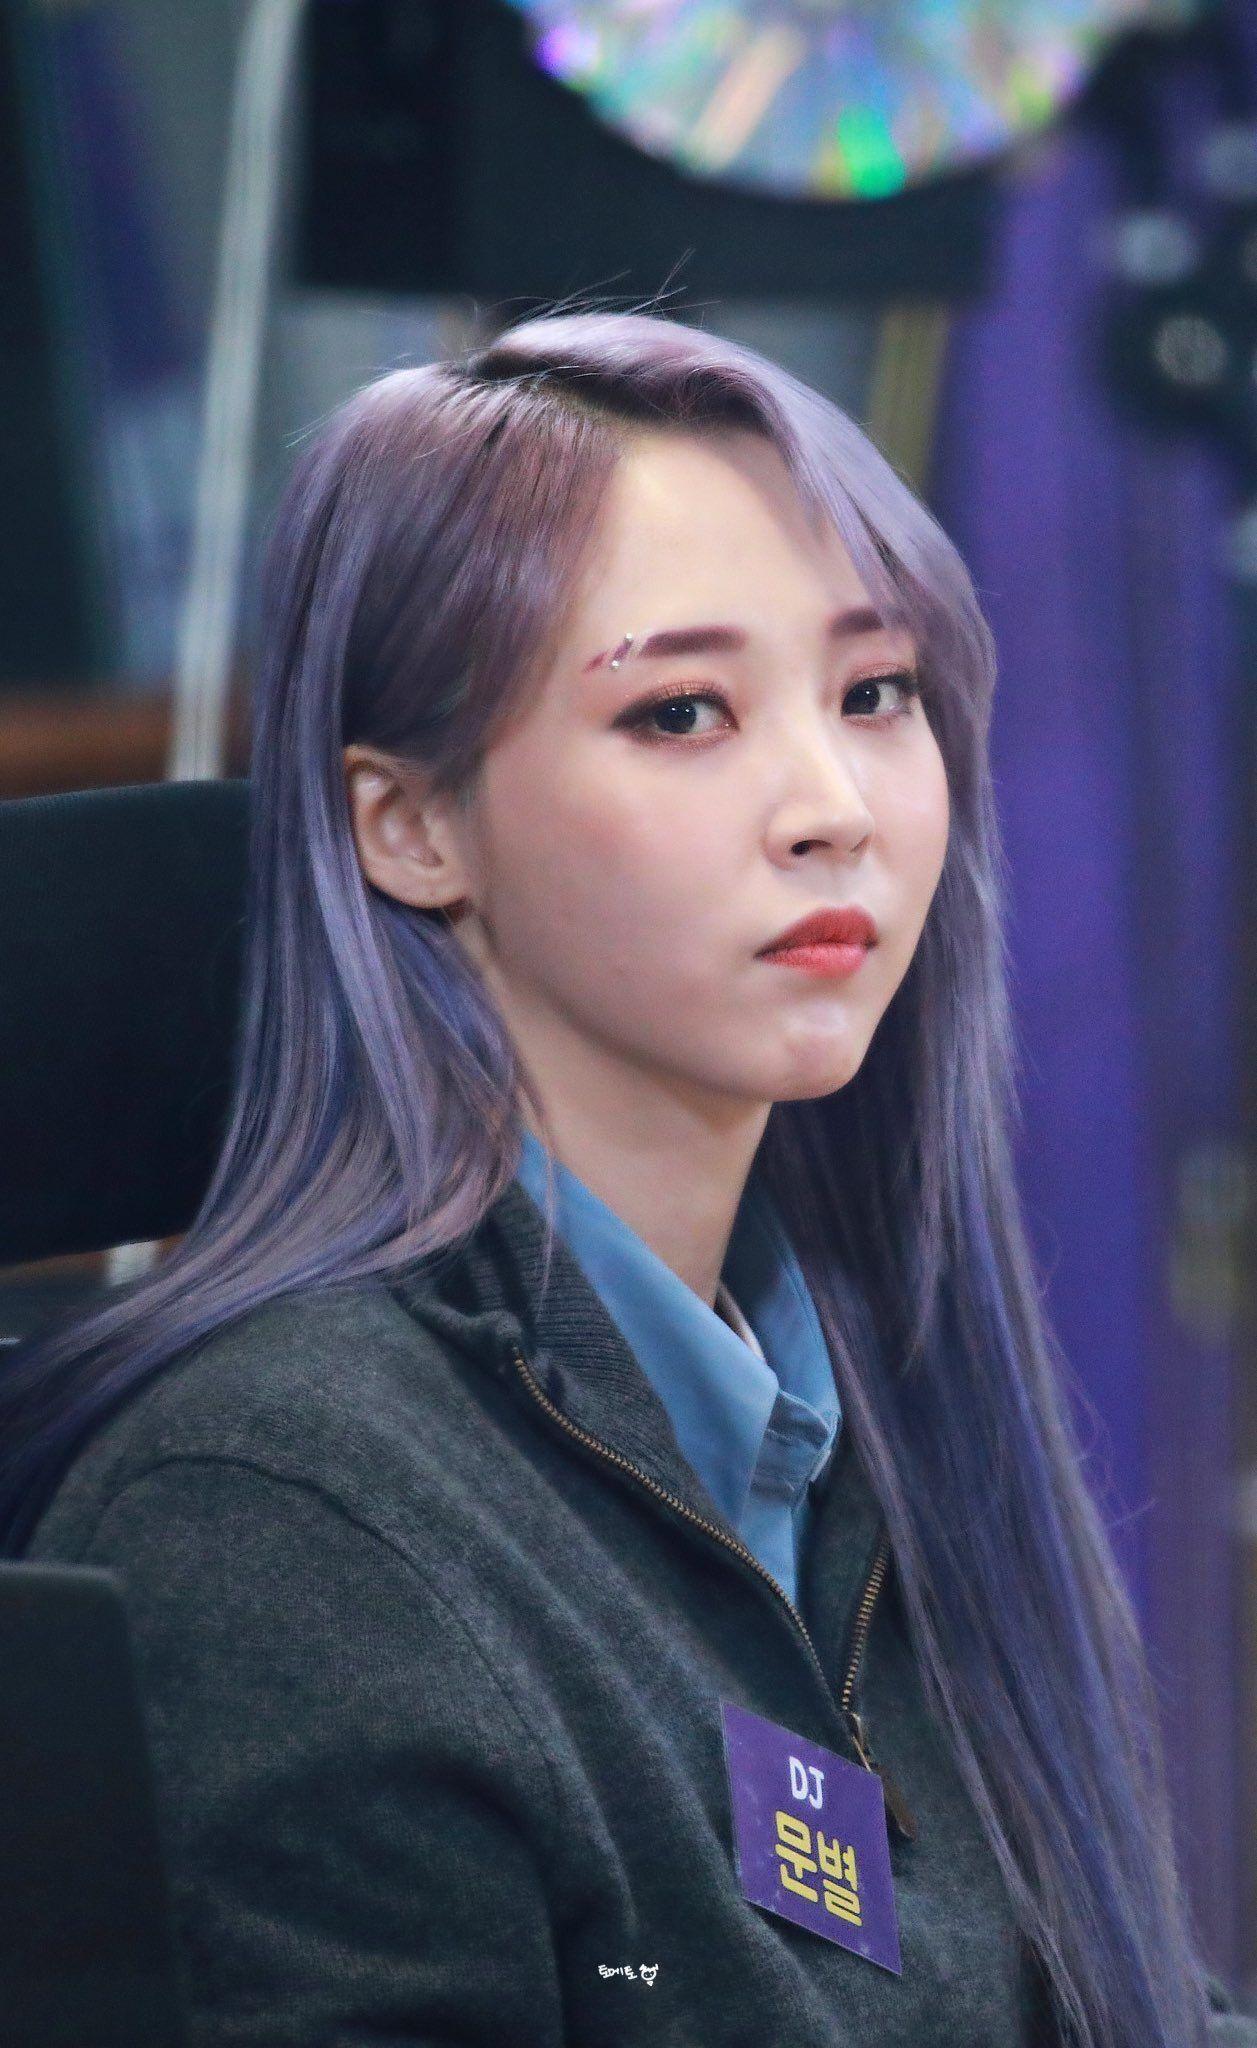 Byuls Hamster Dark Side Of The Moon 2 14 On Twitter In 2020 Moonbyul Korean Eyebrows Mamamoo Moonbyul